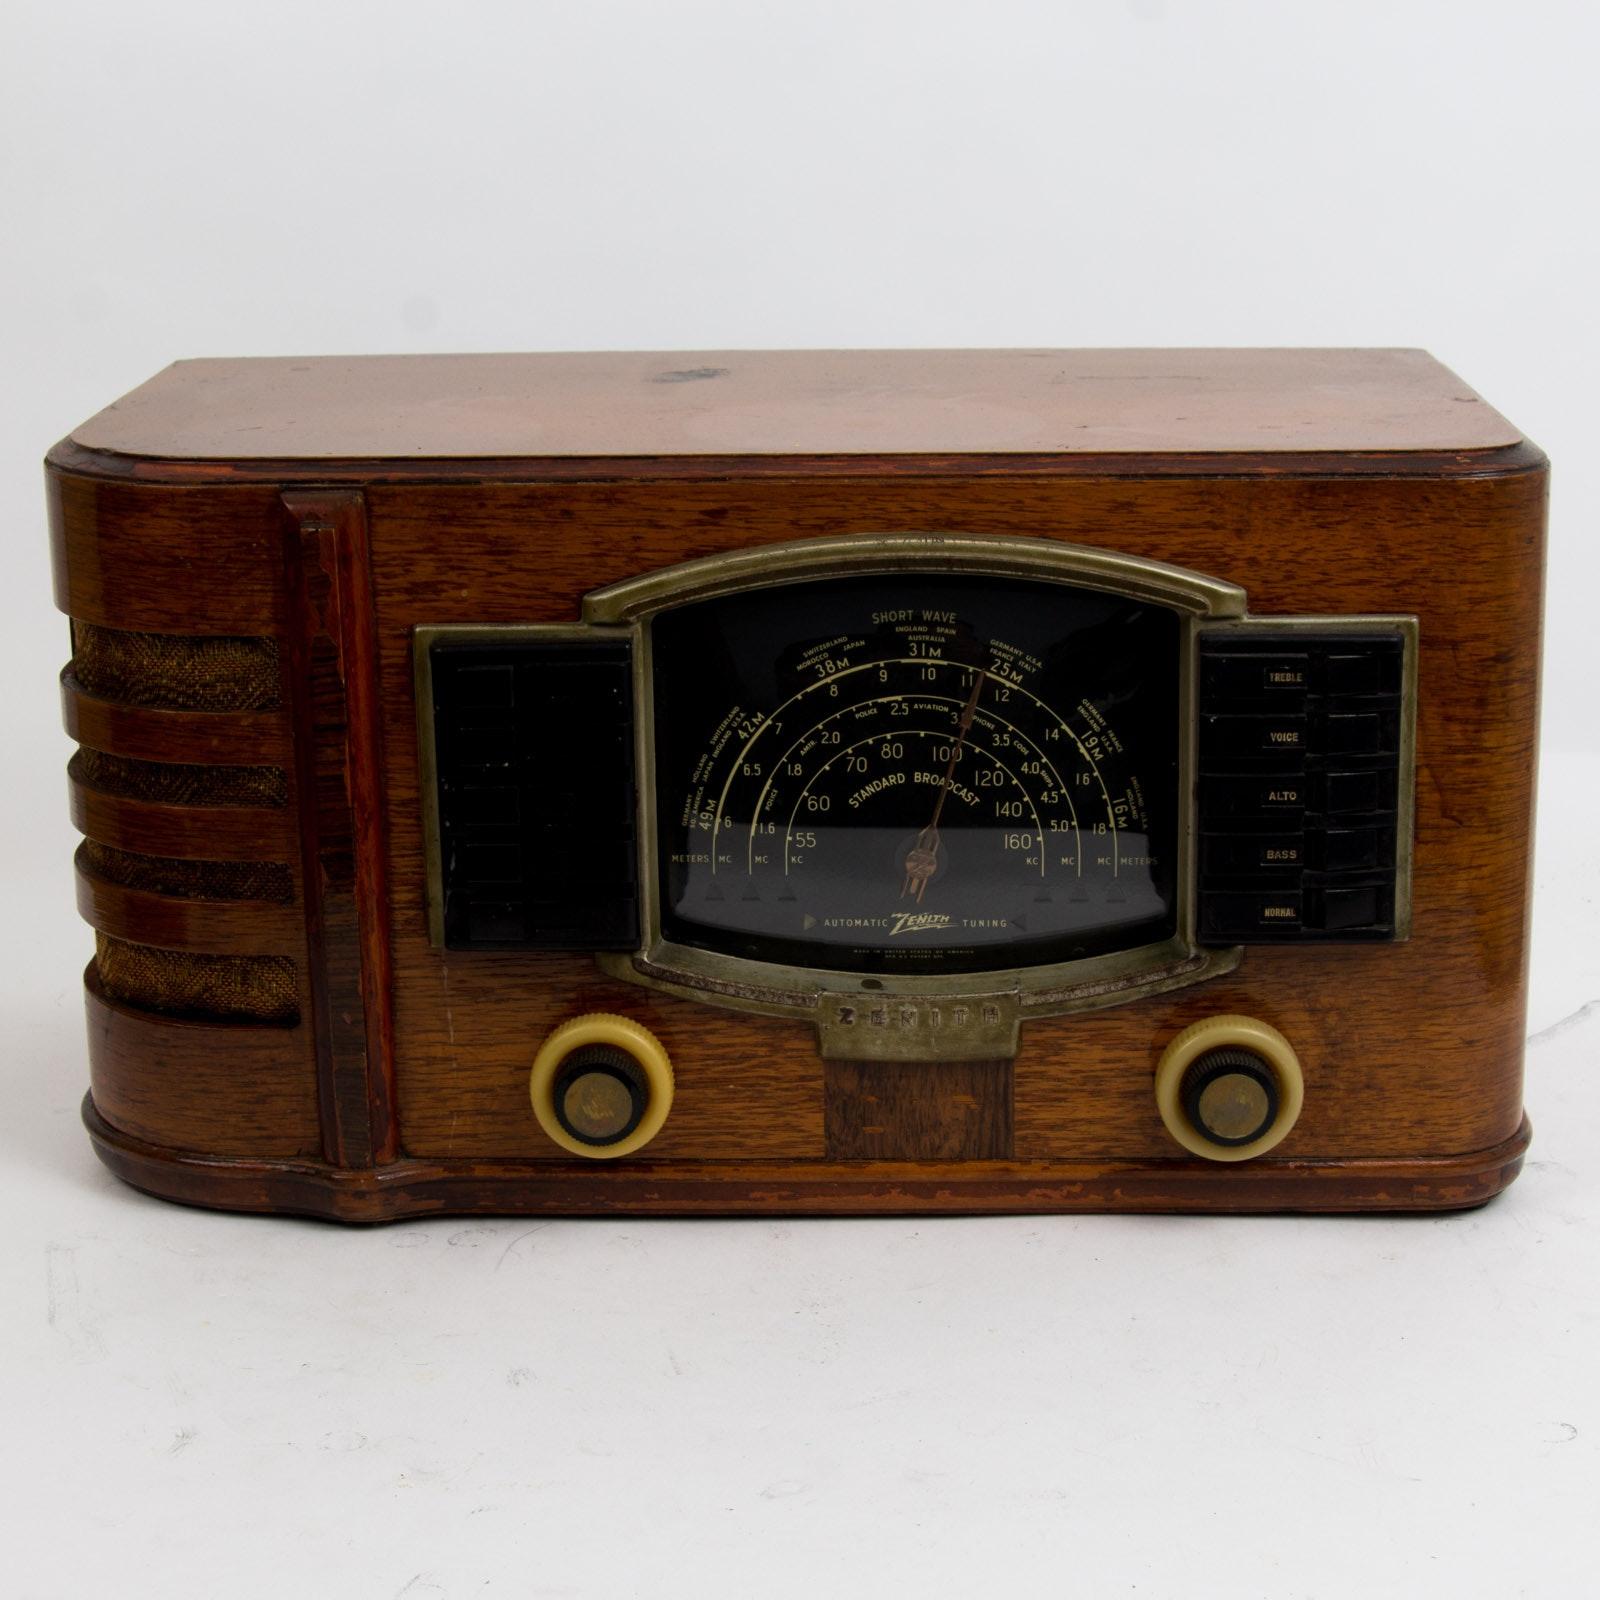 Vintage 1941 Zenith Radio